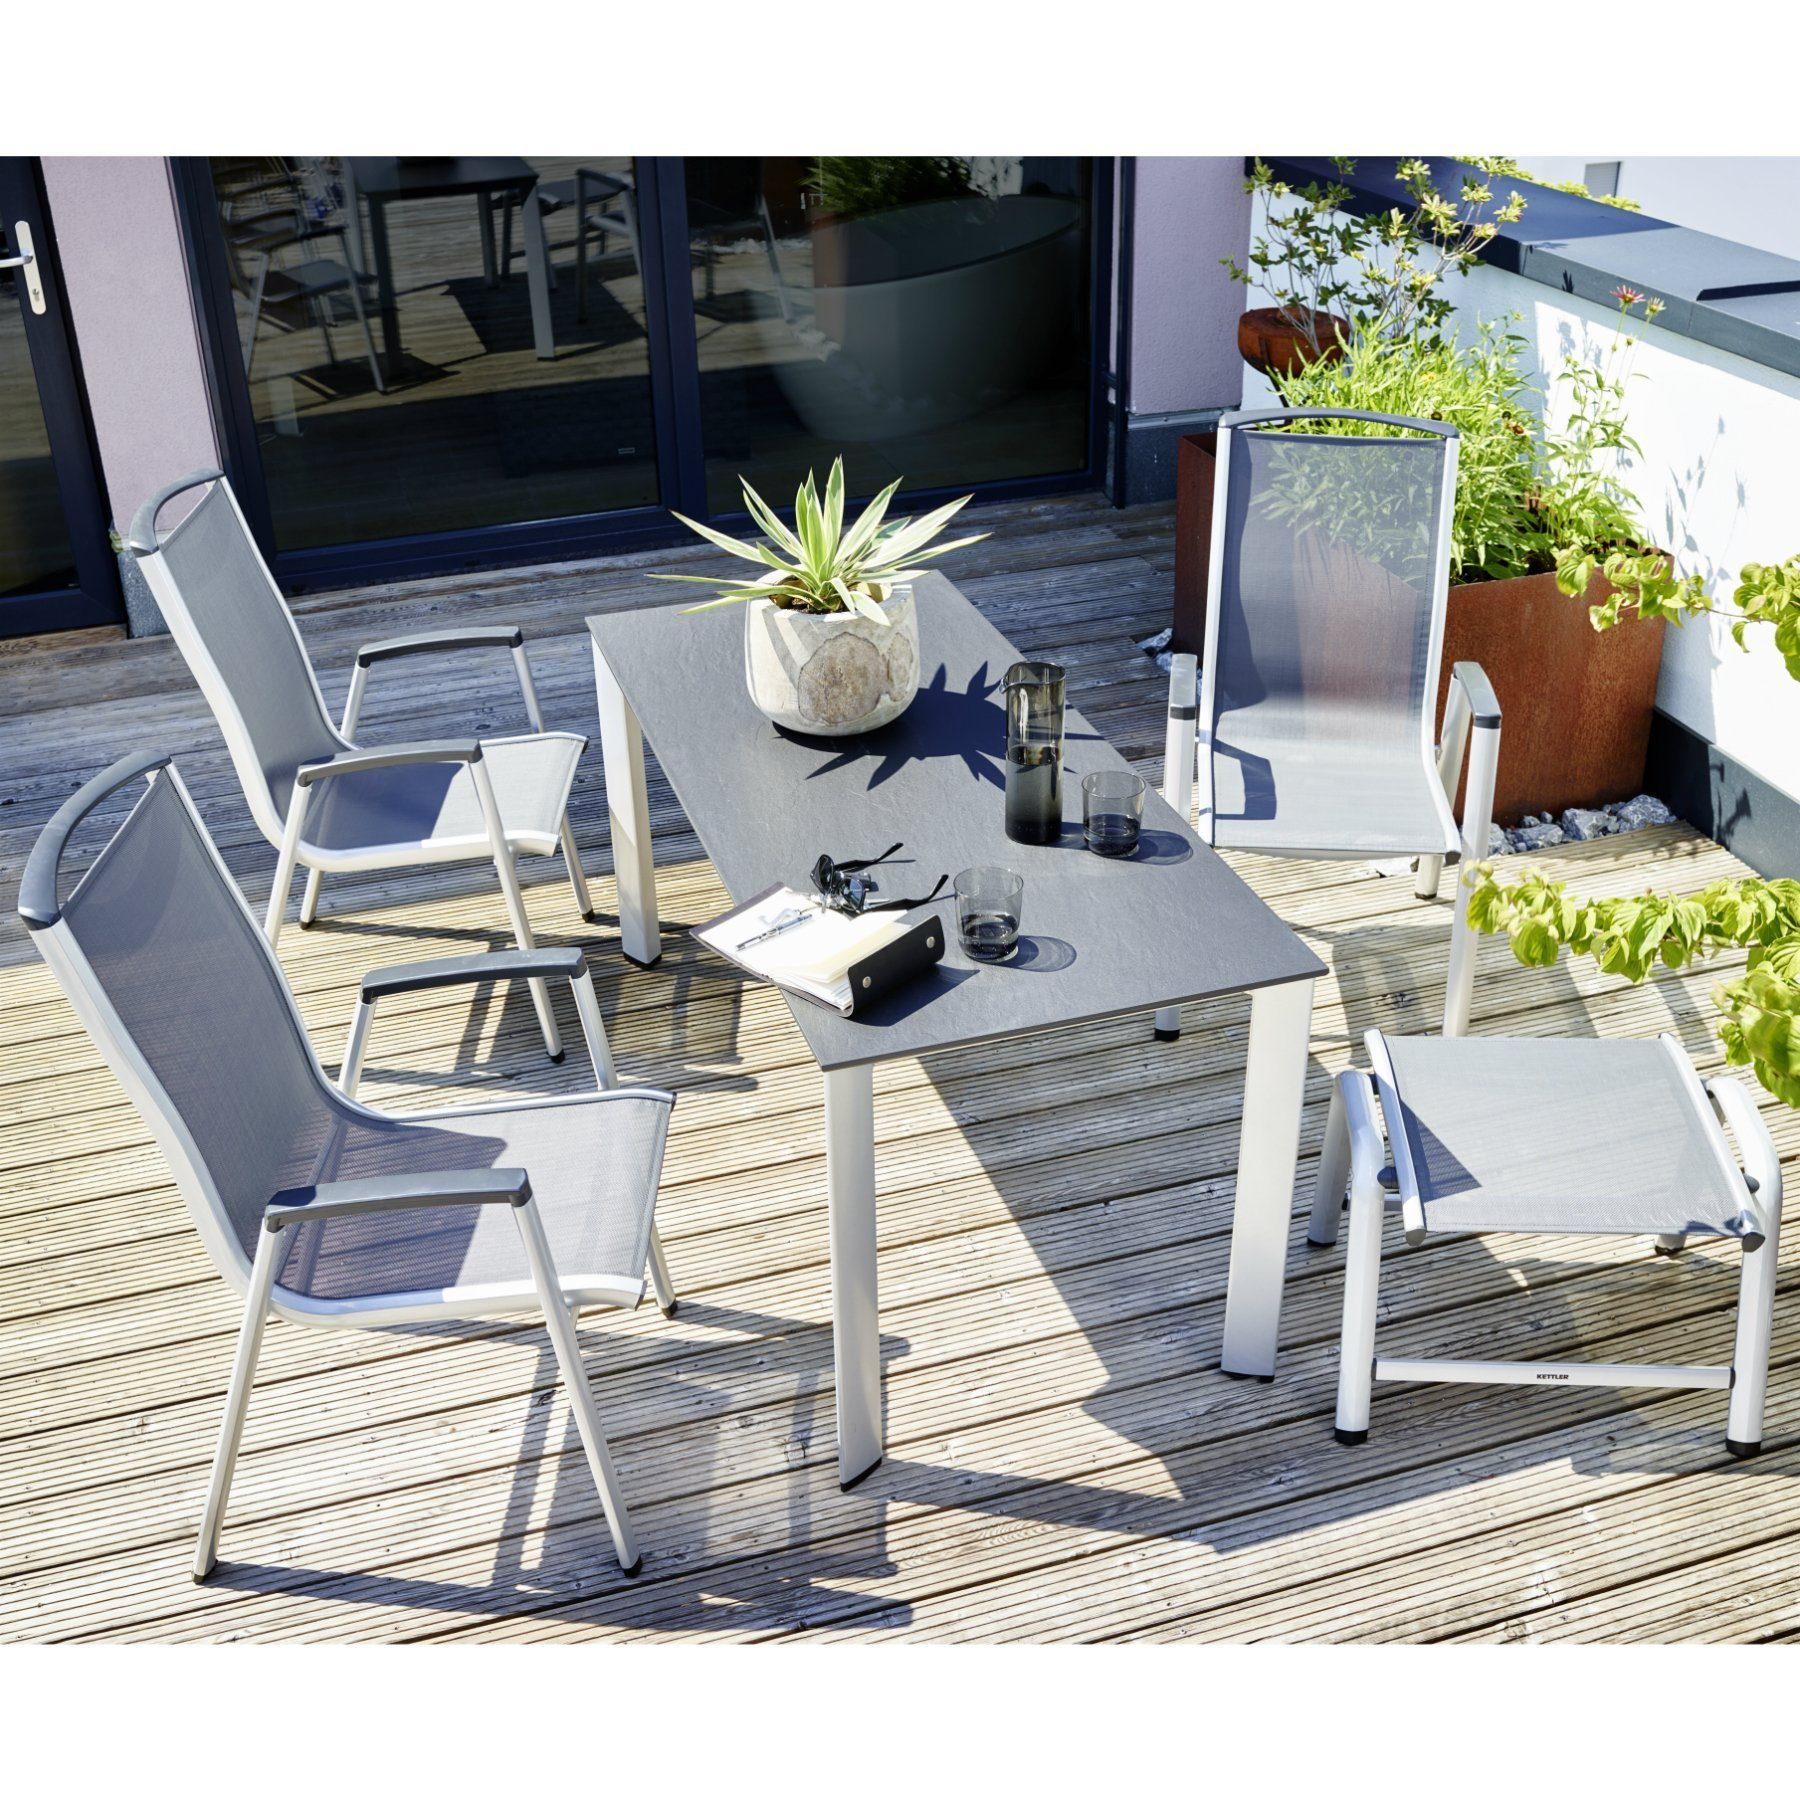 kettler vista stapelsessel. Black Bedroom Furniture Sets. Home Design Ideas